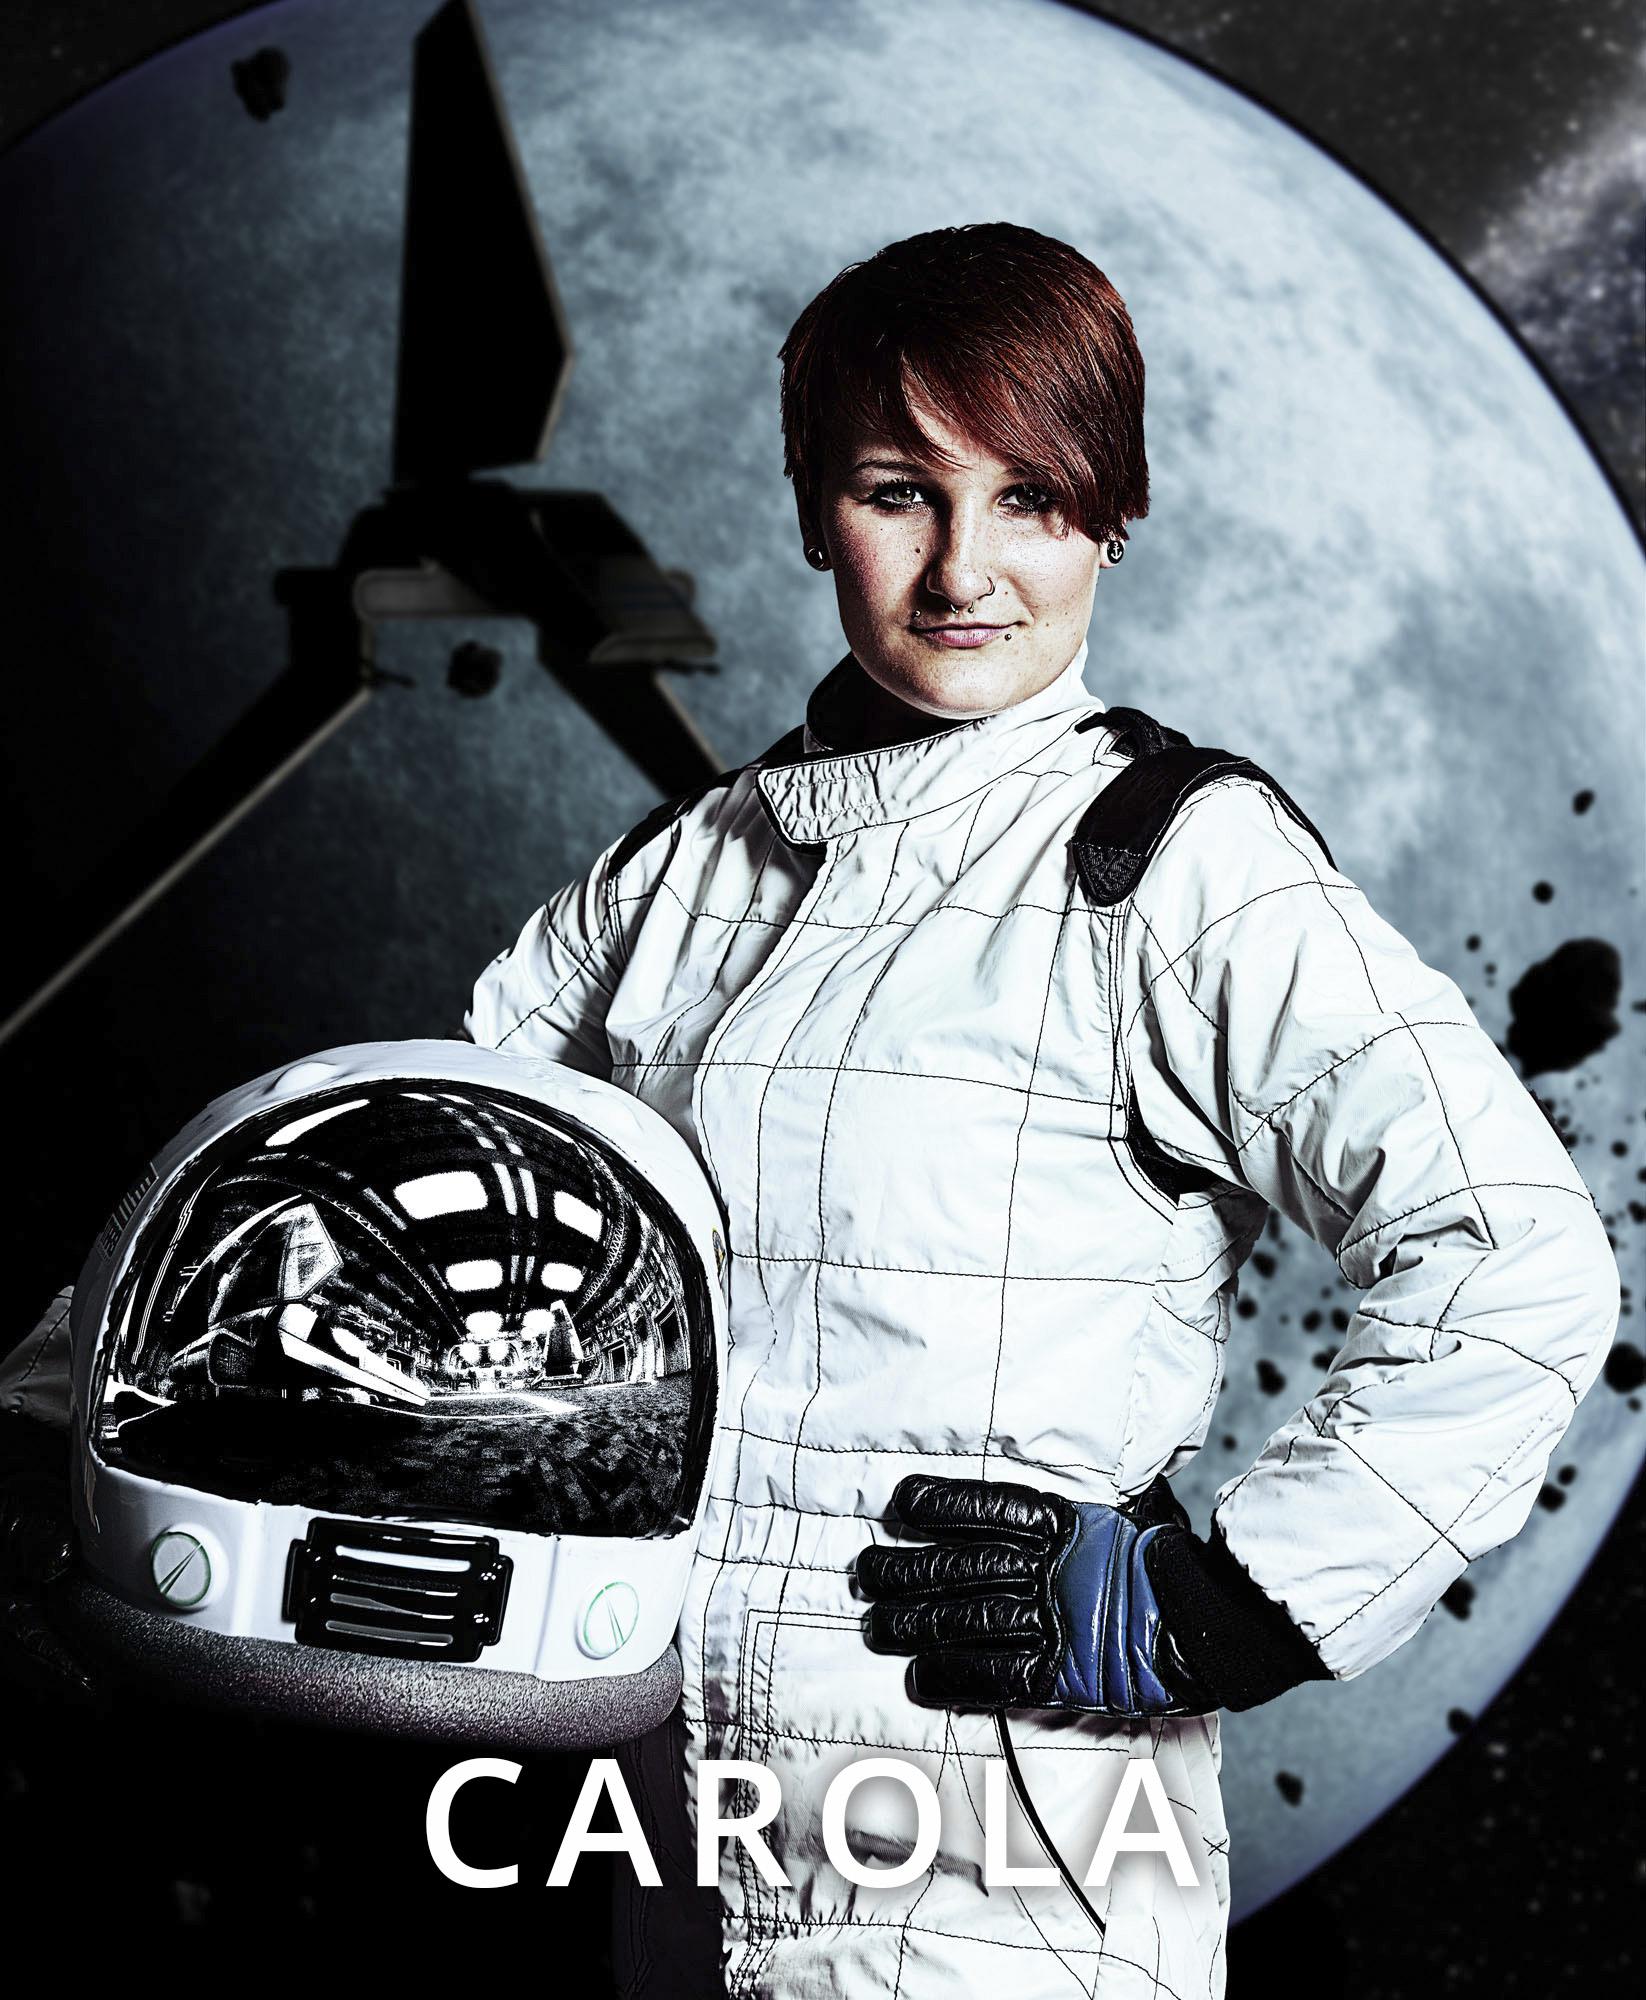 CAROLA_cosmic-stylers.jpg